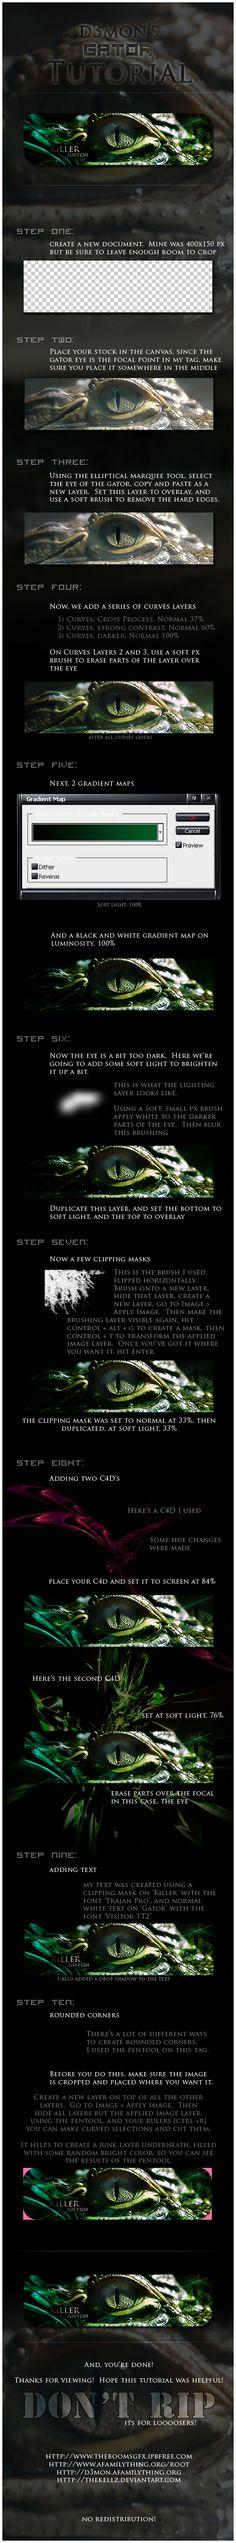 Killer Gator Tag Tutorial by thekellz.deviantart.com on @deviantART